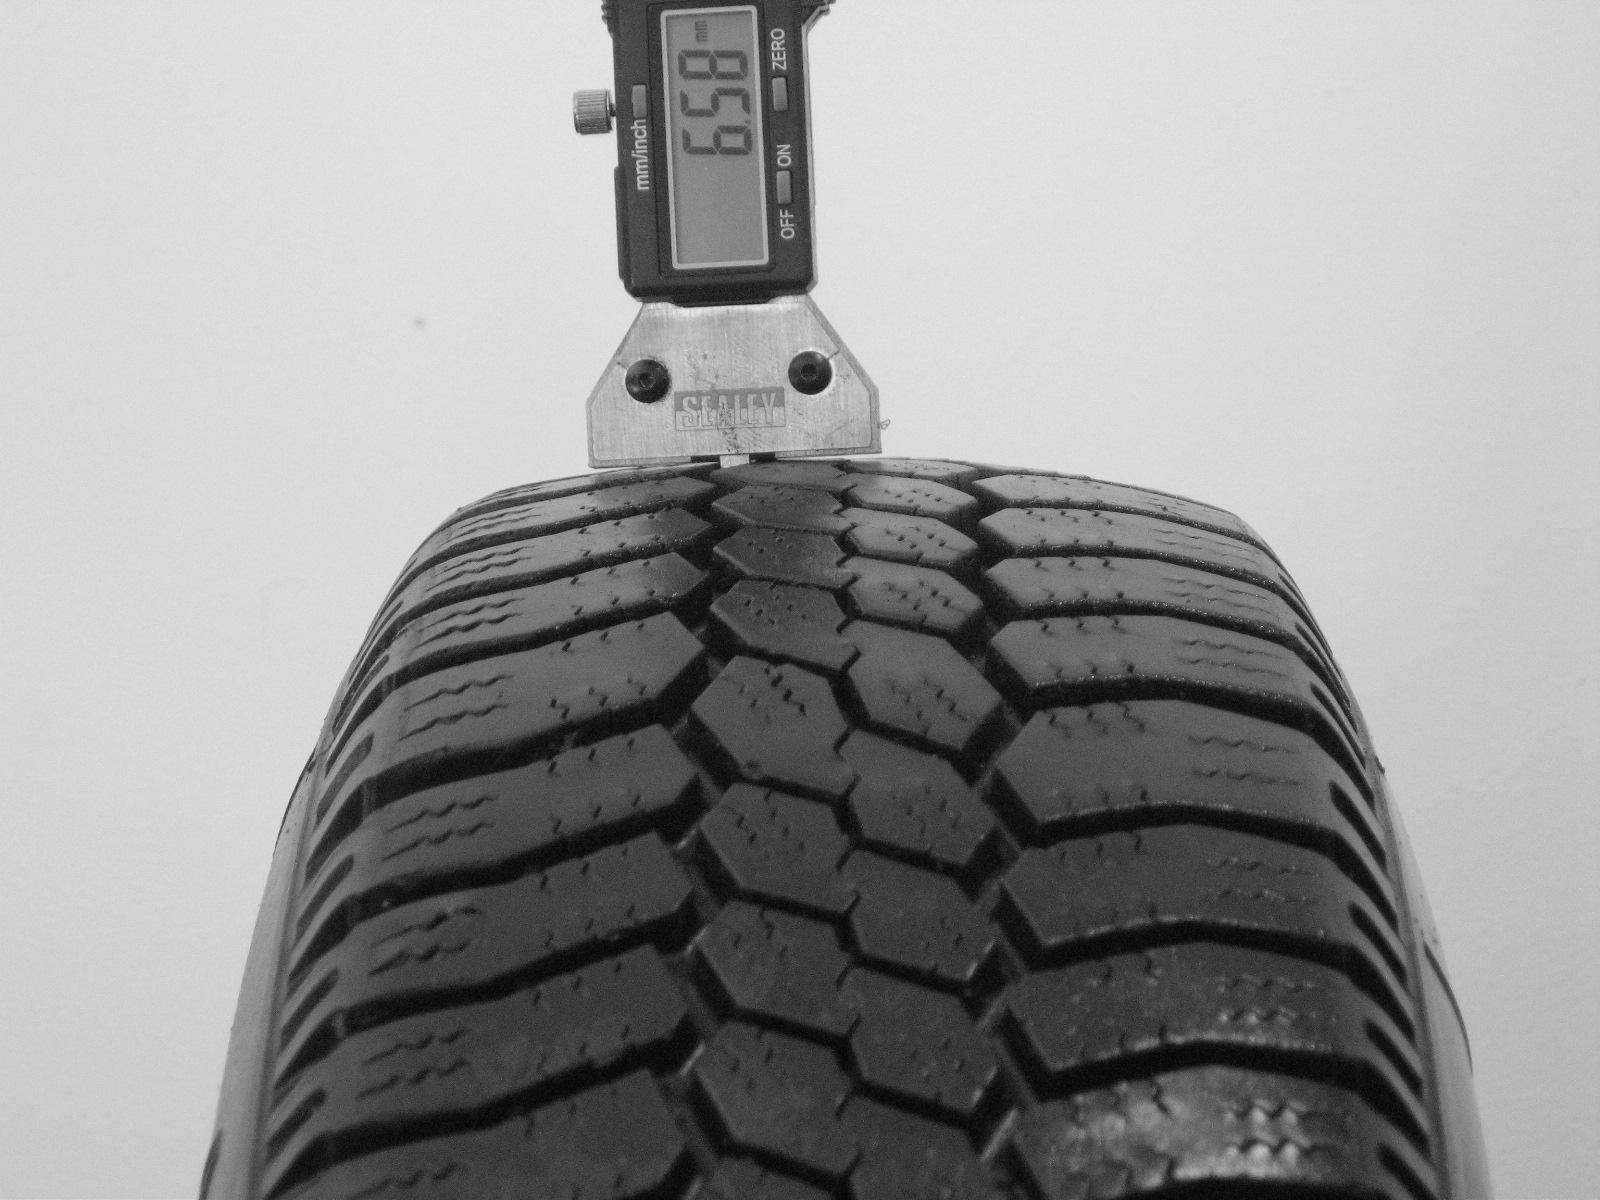 Použité-Pneu-Bazar - 165/80 R13 MICHELIN MX -kusovka-rezerva 3mm